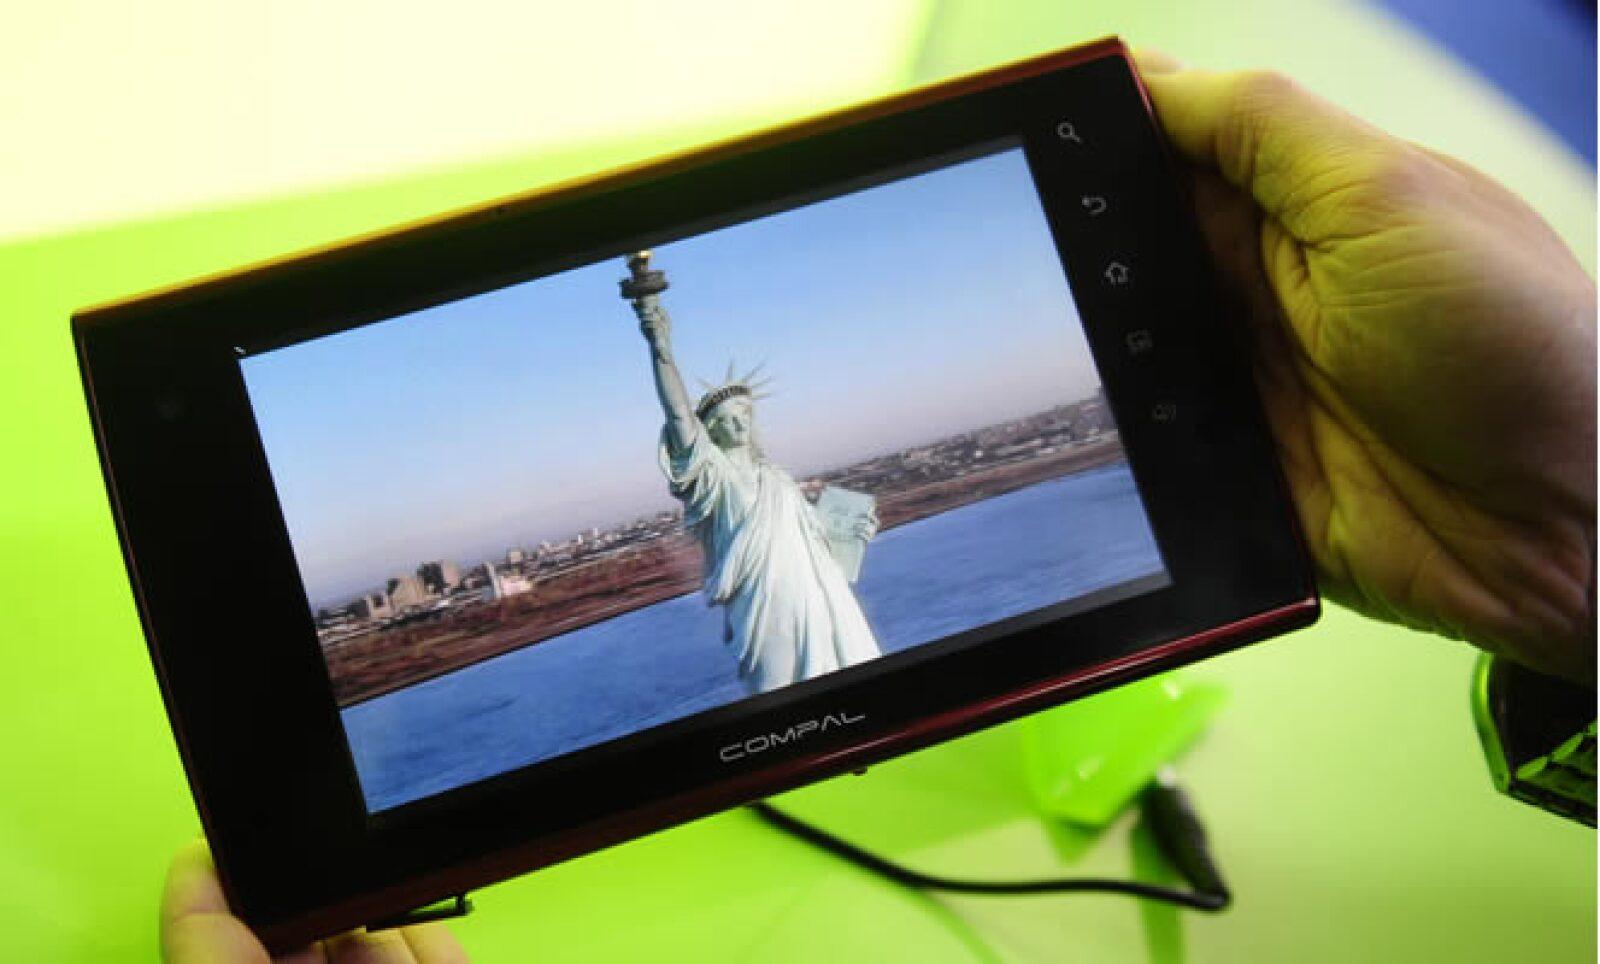 nVidia, la firma de tecnologías y chips para gráficos dio a conocer su dispositivo móvil tipo tableta. El aparato utilizará sus procesadores y algún sistema operativo de código abierto.